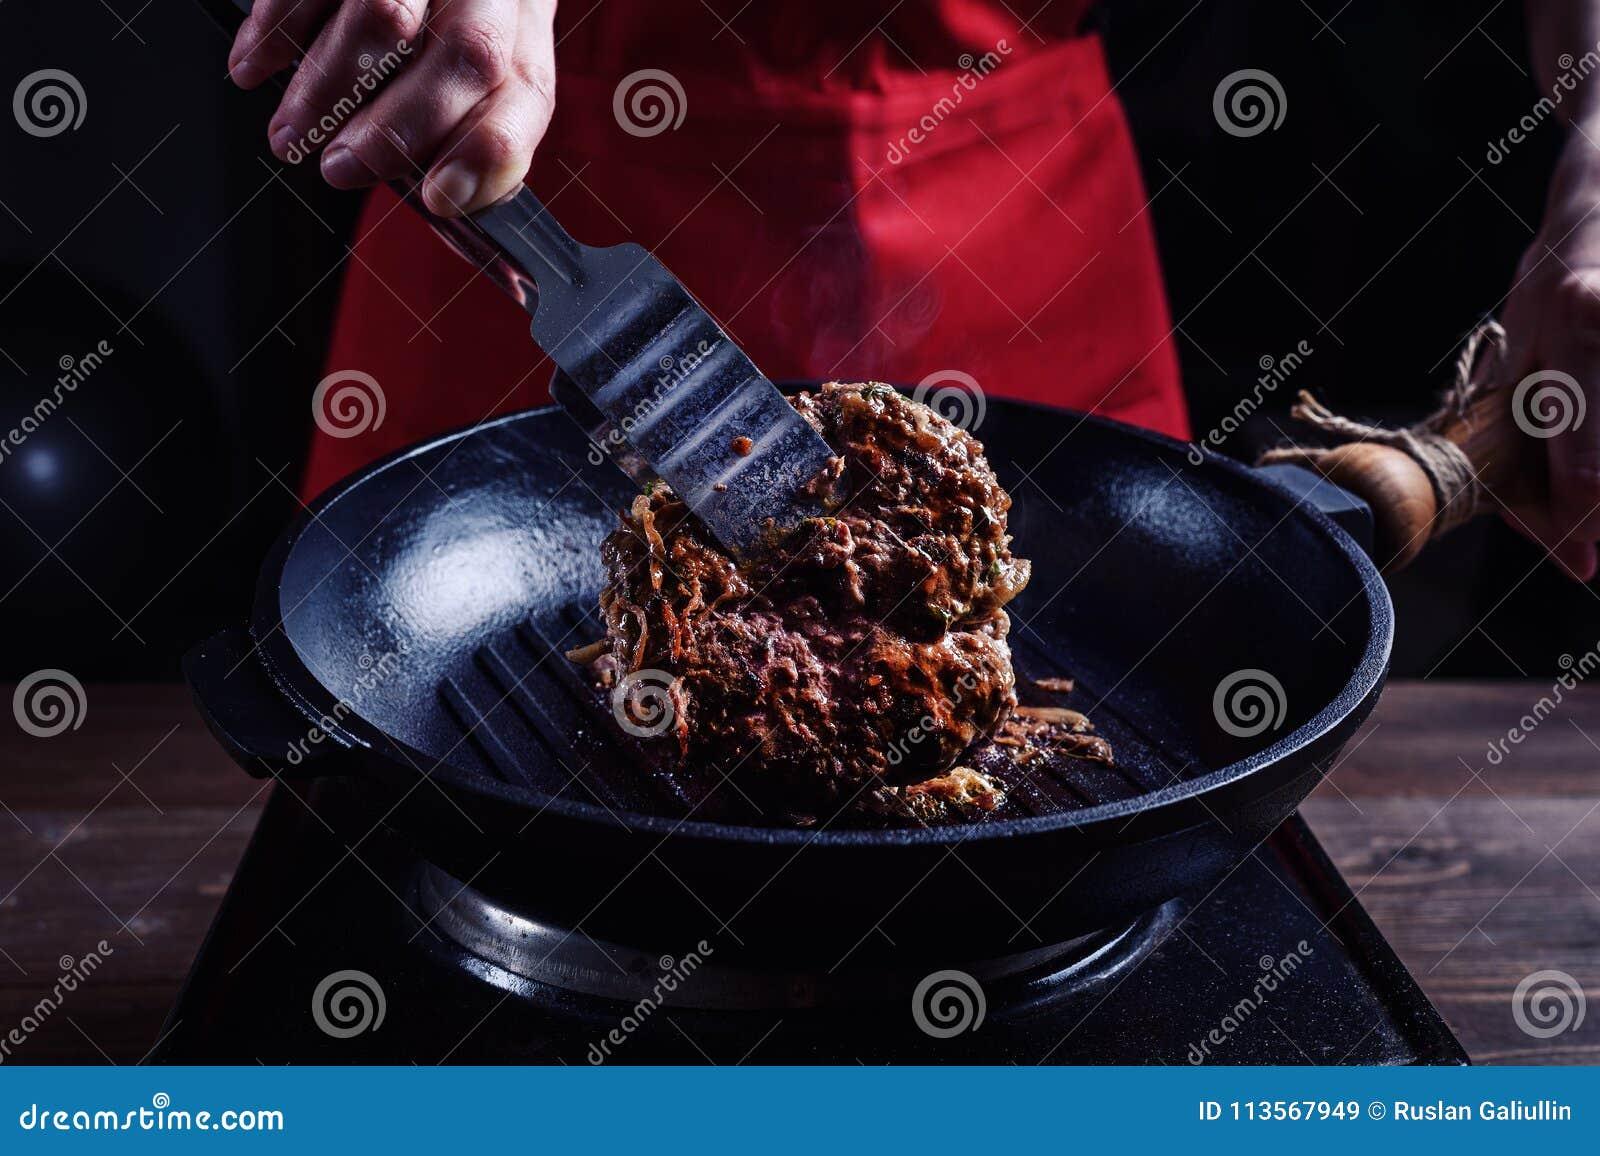 Kulinarny wołowina stek na grill niecce w domu Kobieta w czerwonym fartuchu podrzuca smażącego kawałek mięso